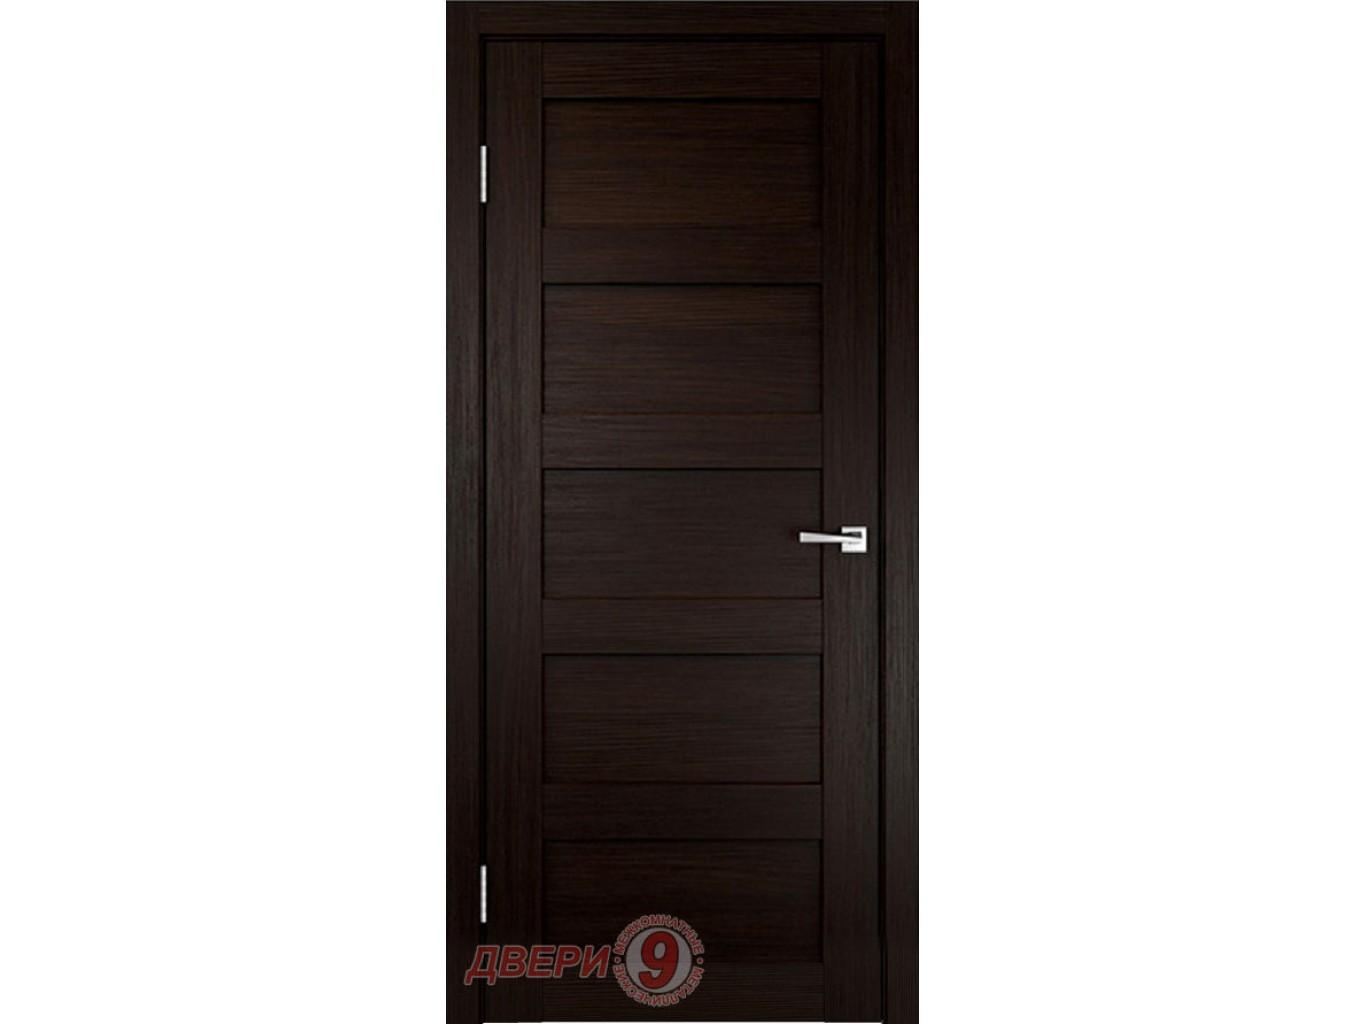 Дверь Velldoris Тренд-5P (Trend, Венге)